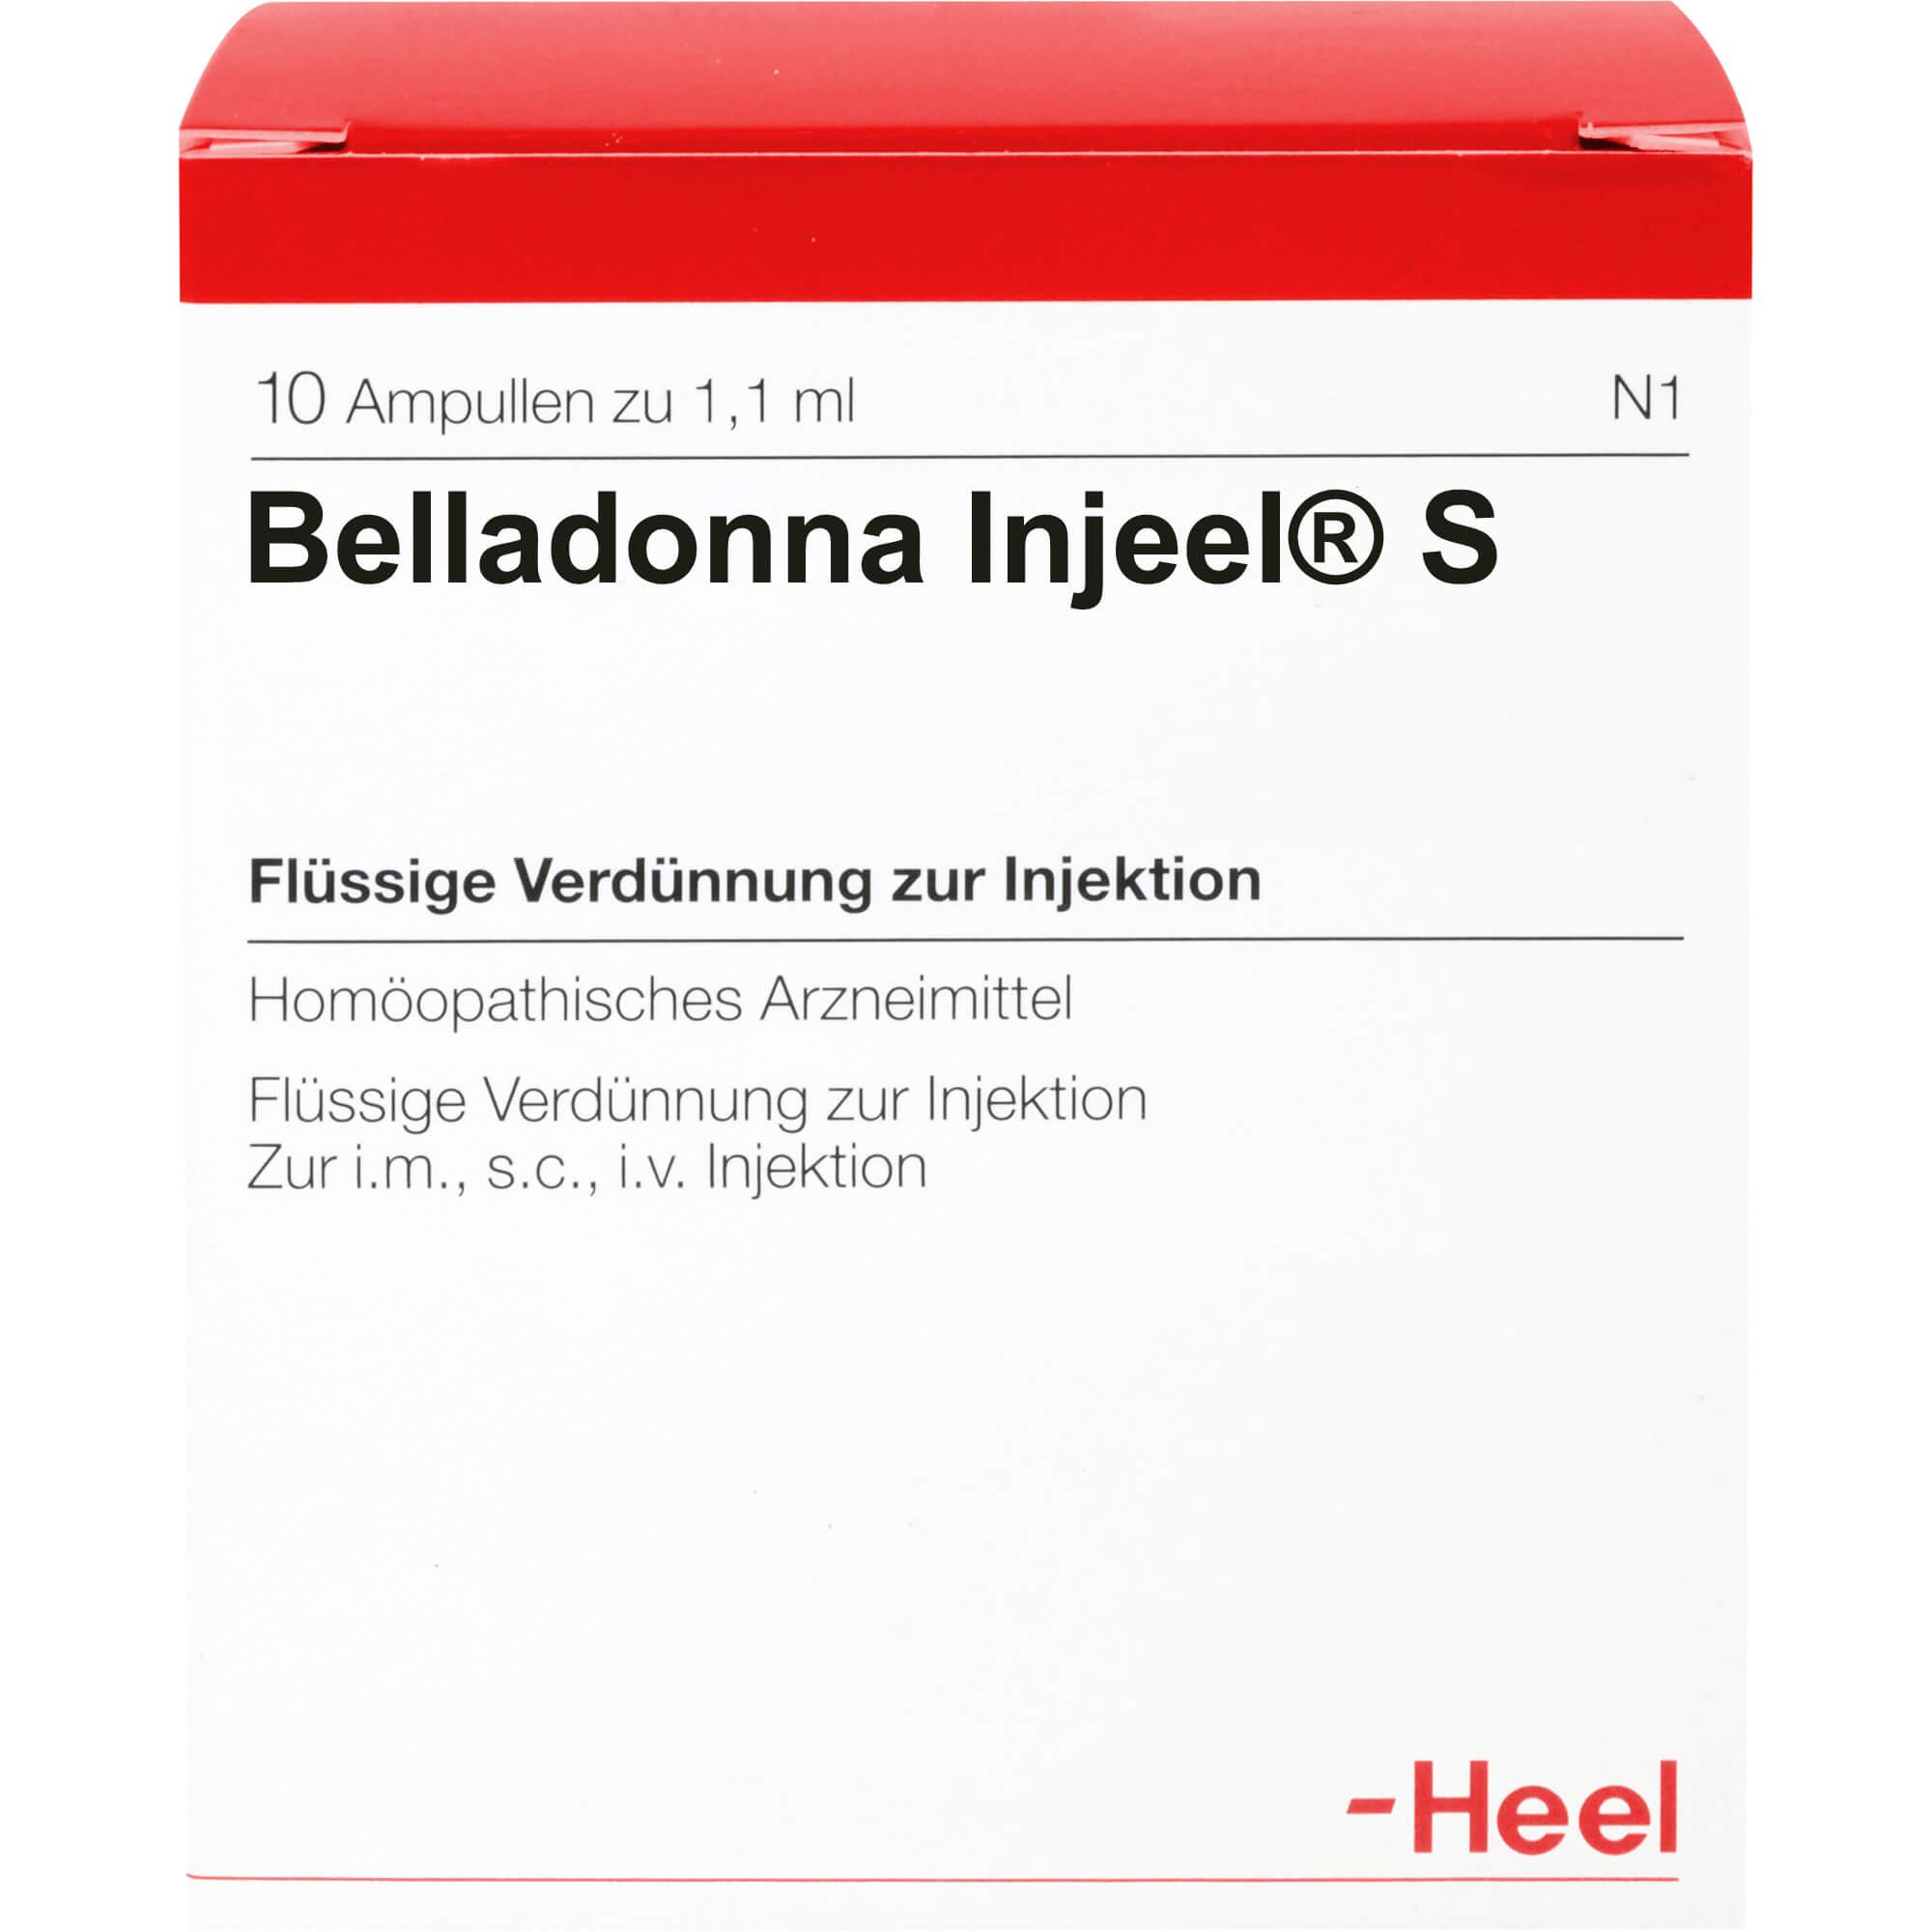 BELLADONNA INJEEL S Ampullen